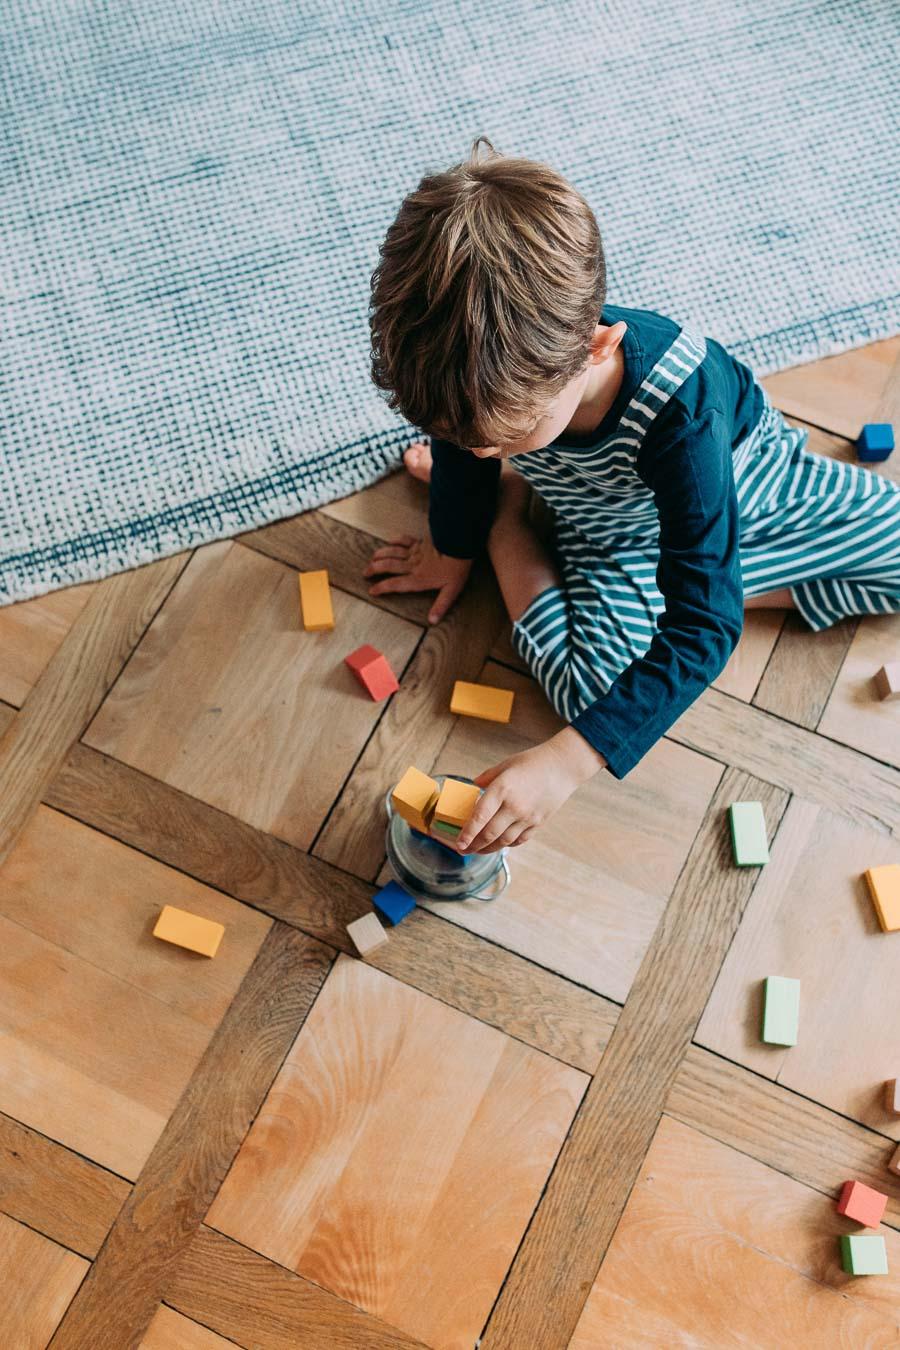 Ein paar Ideen, wie ihr ein cooles Jungszimmer einrichten könnt #kinderzimmer #kidsroom #jungszimmer #boysroom